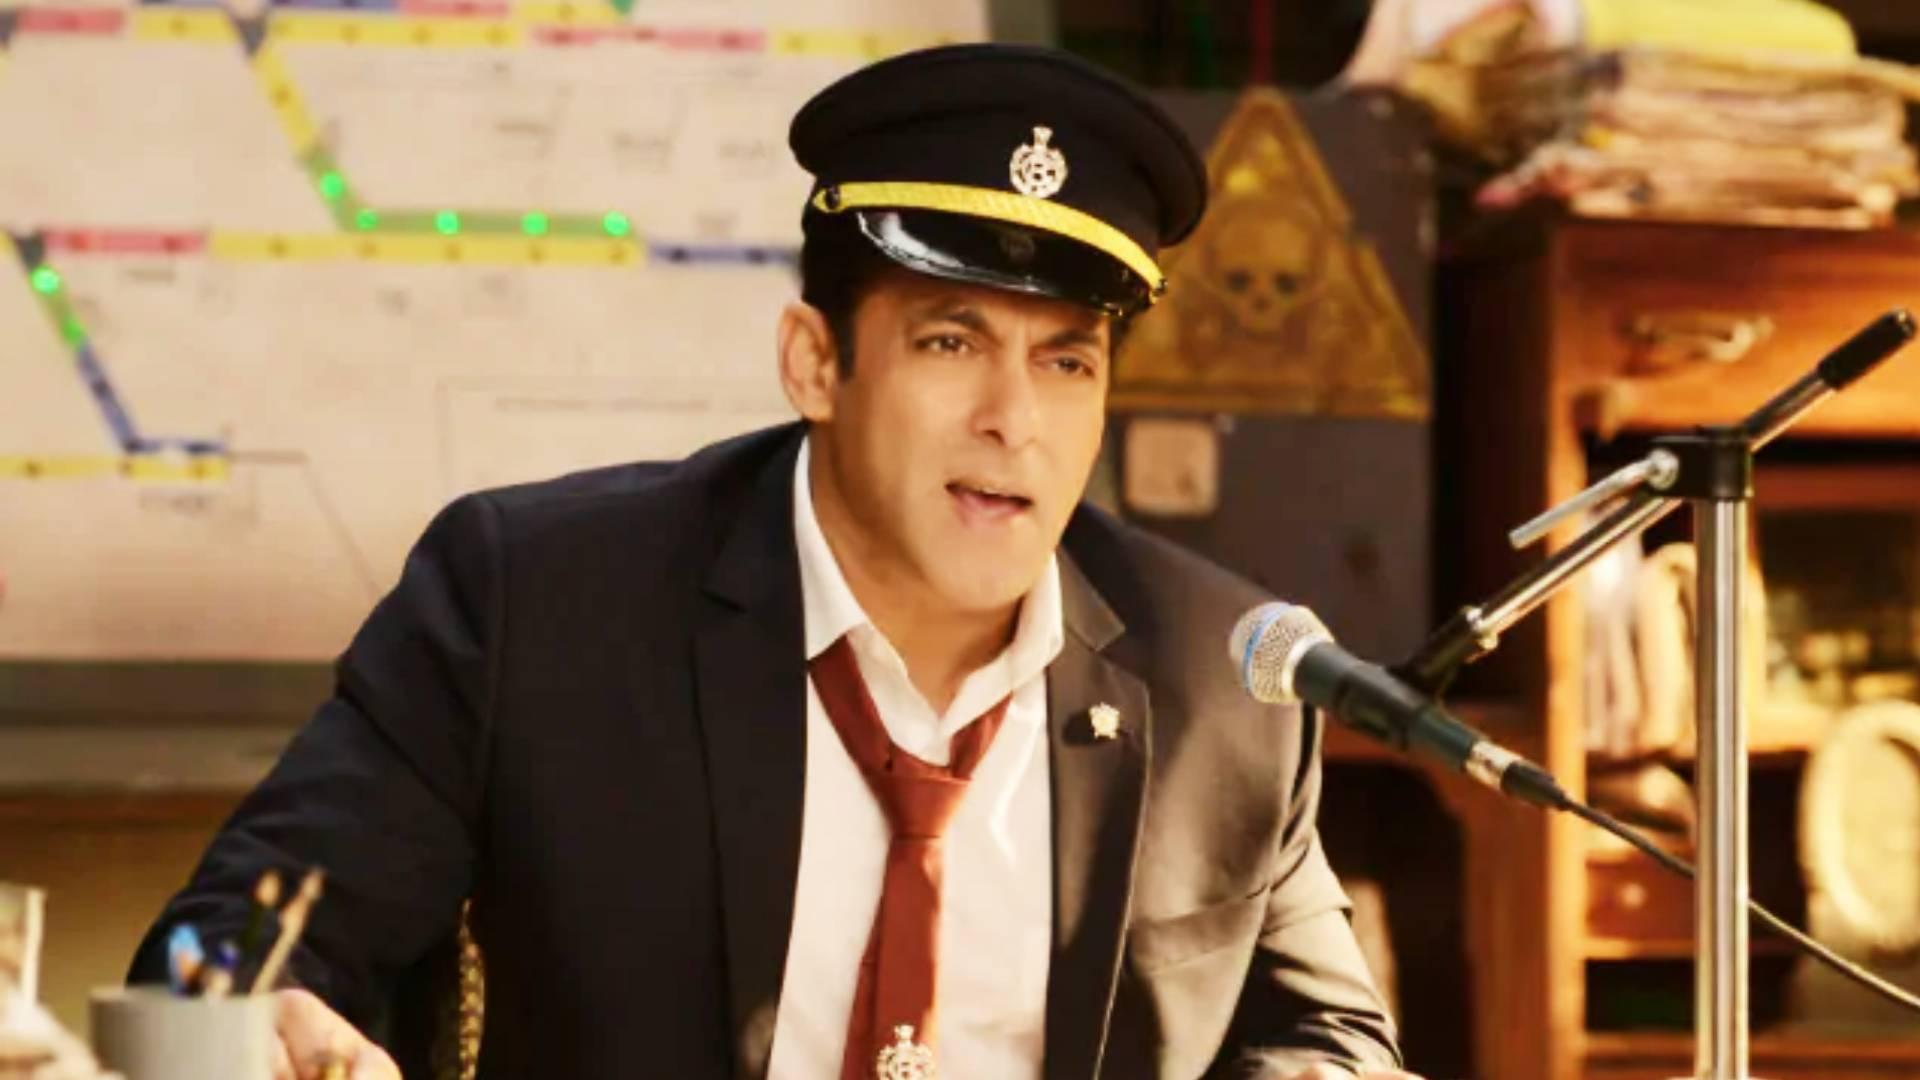 बिग बॉस 13 को प्रोमोट करने के लिए सलमान खान ने चुराया अक्षय कुमार का आईडिया, ऐसे करेंगे शो की शुरुआत